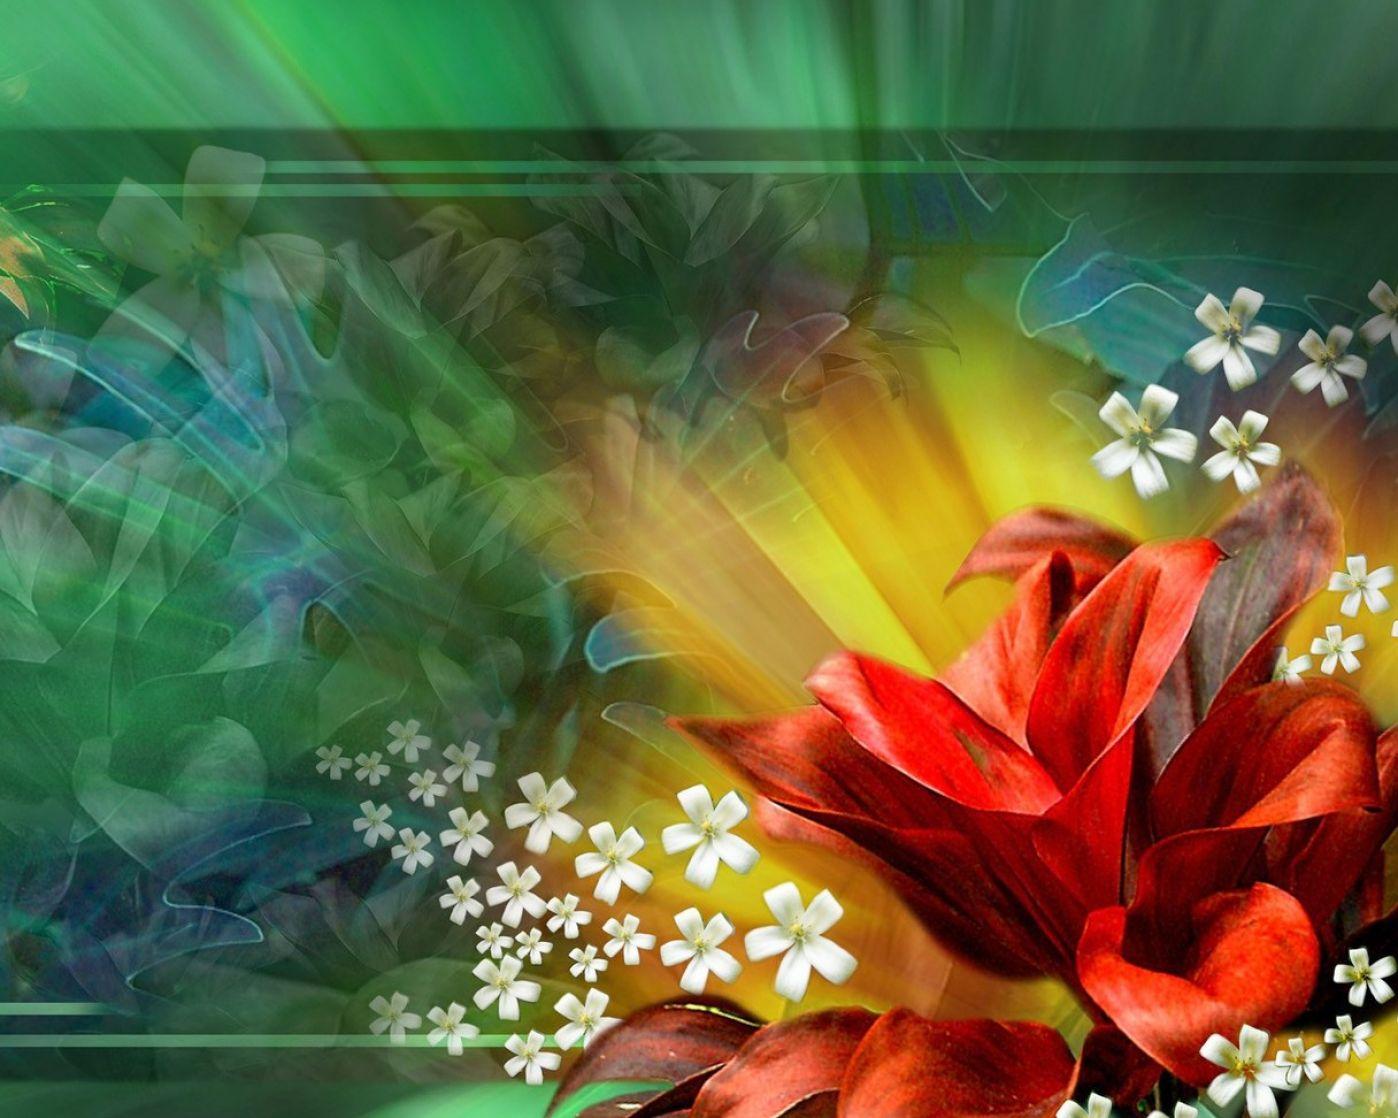 Download desktop 3d wallpapers pictures 3 1398x1118